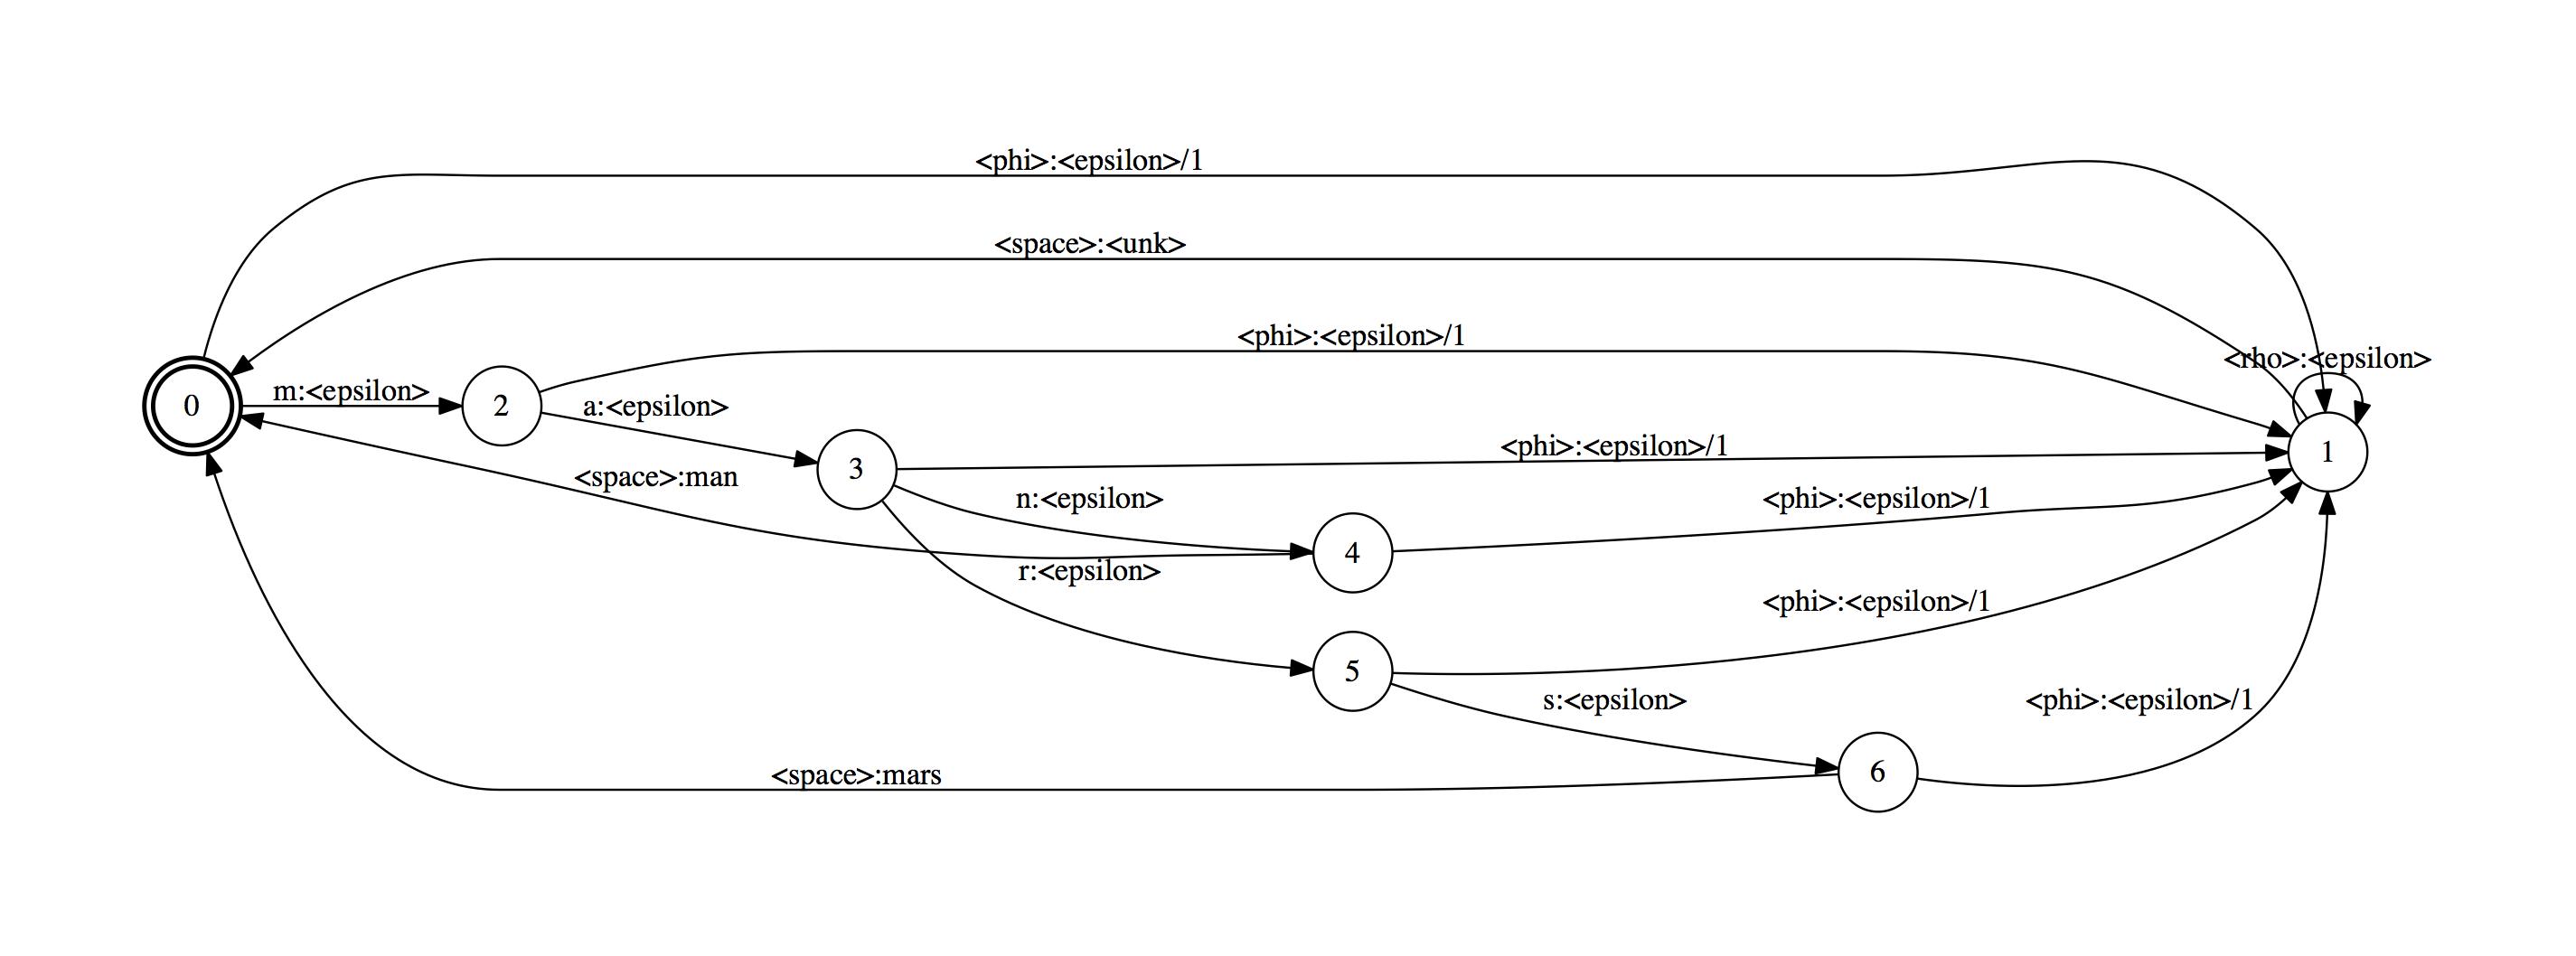 command python setup py egg_info failed with error code 1